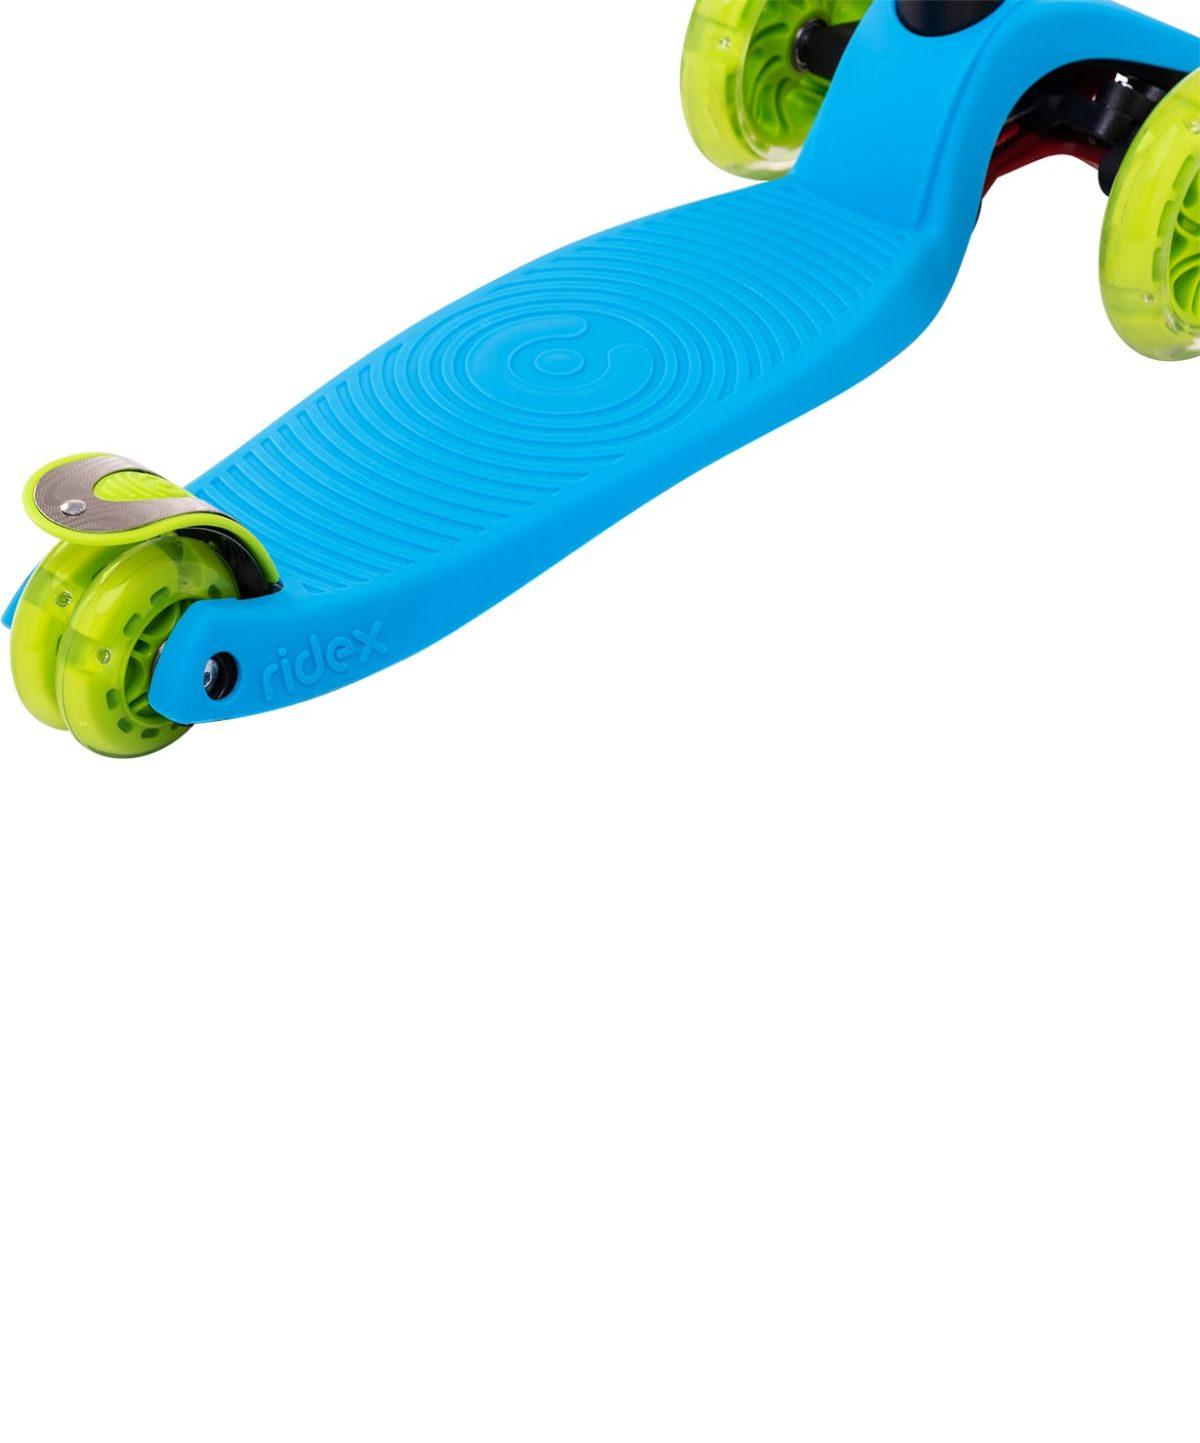 RIDEX Snappy 3D Самокат 3-х колесный 120/80 мм  Snappy: синий/зелёный - 4